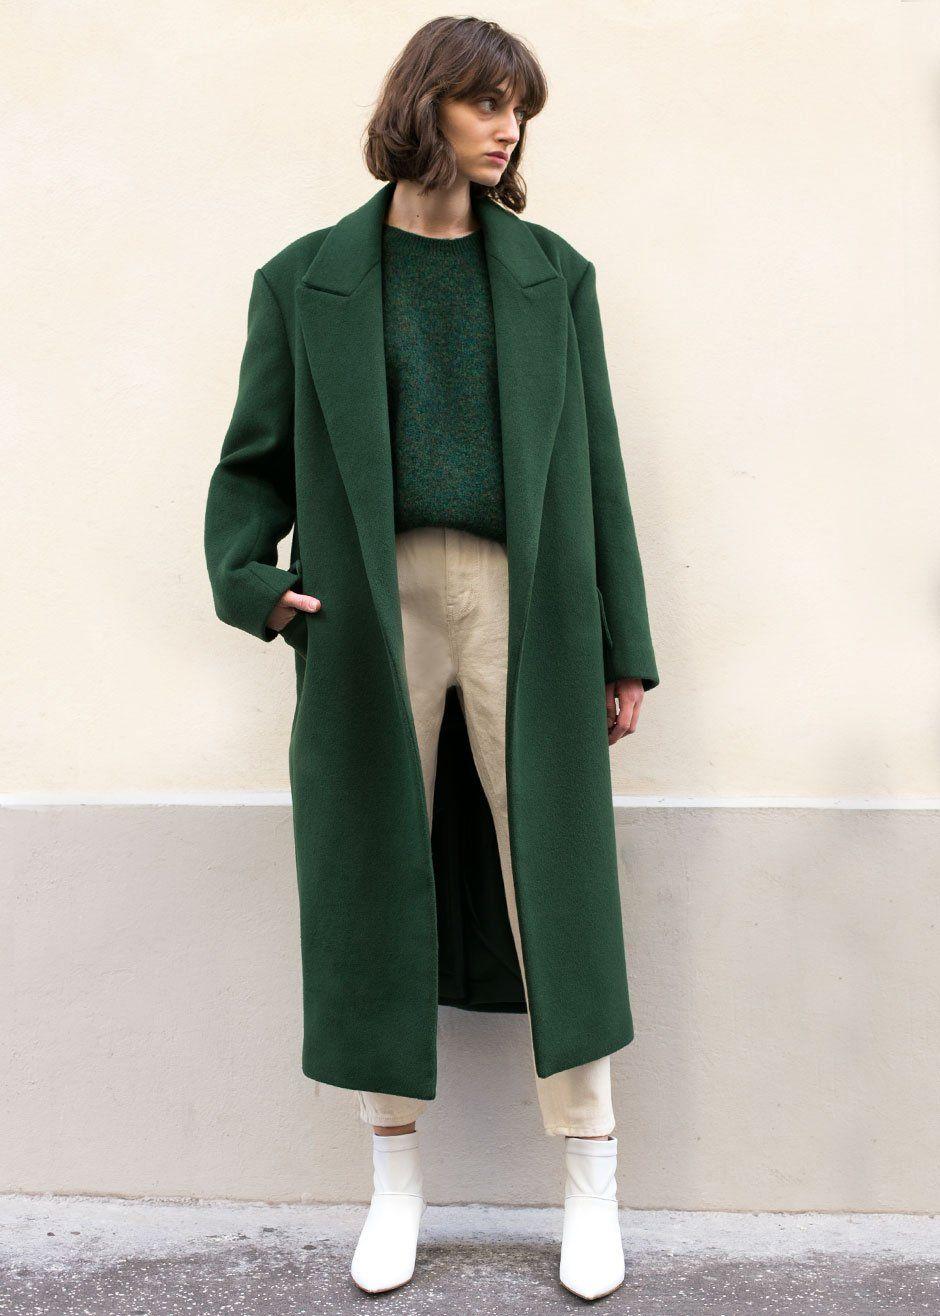 Contrast collar green wool coat green aqua contrast collar and aqua